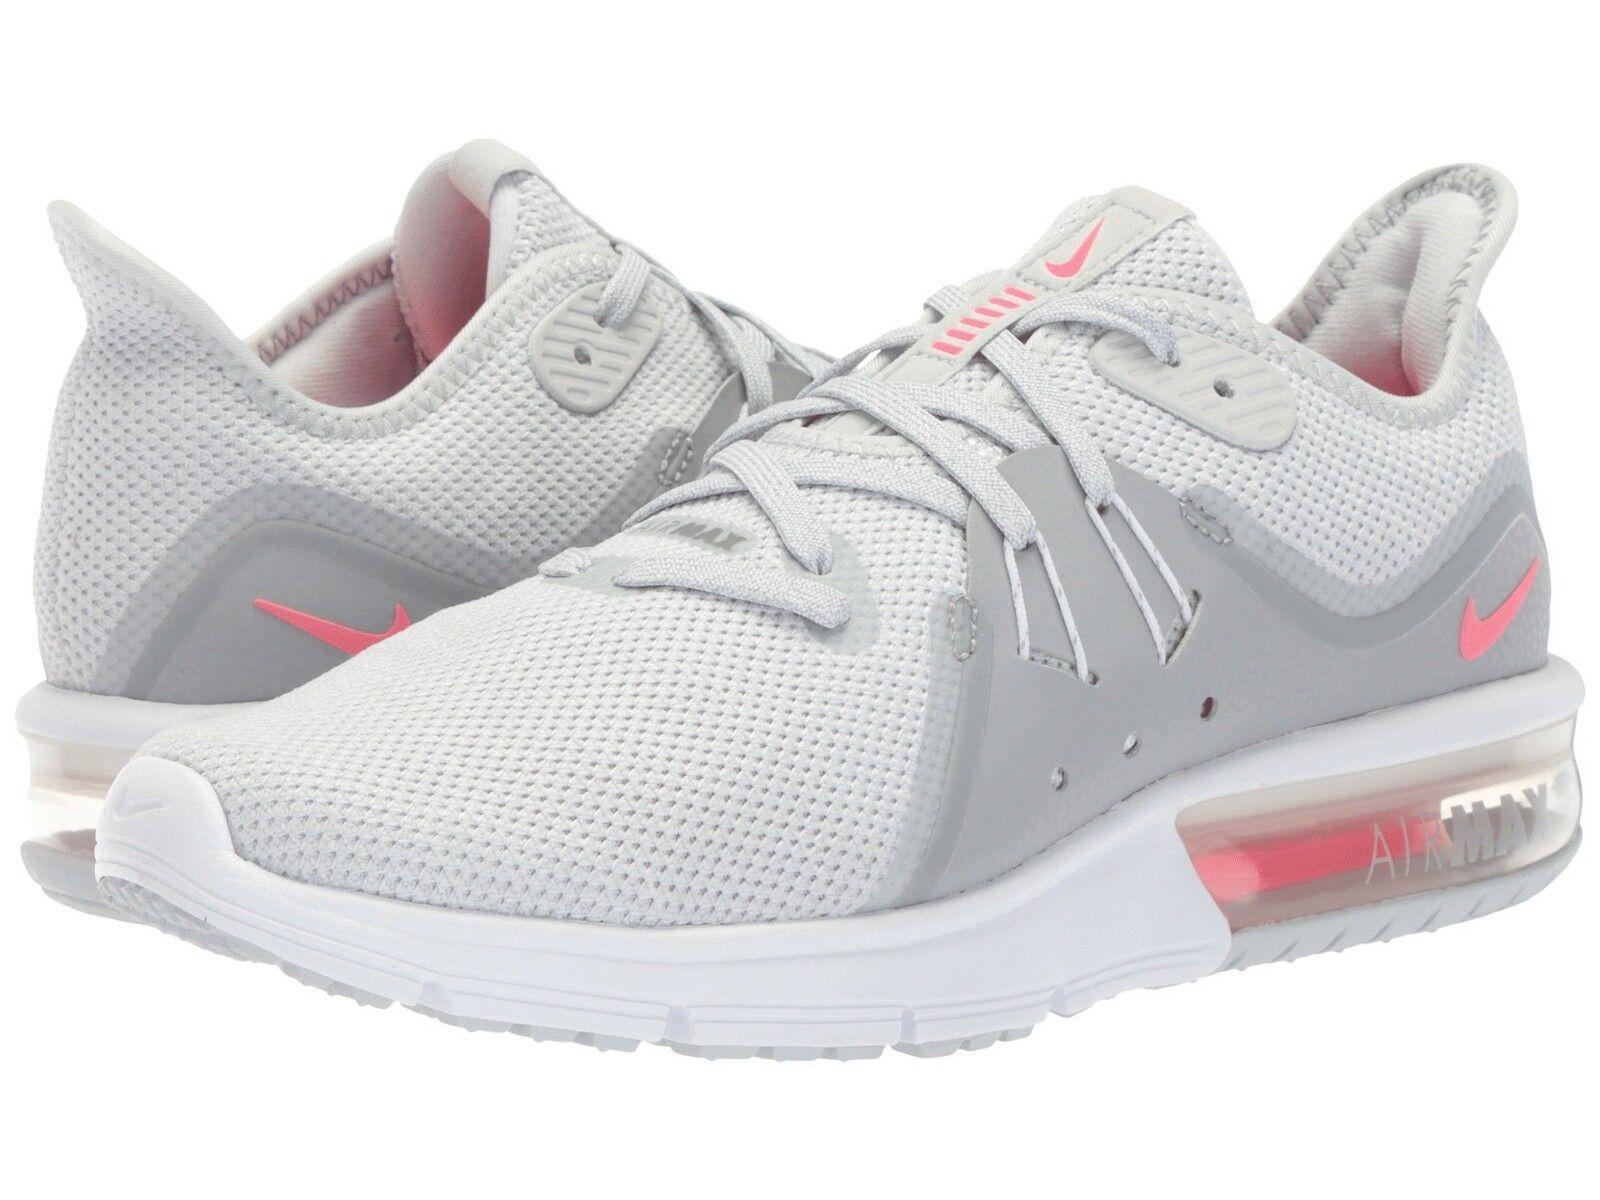 908993-012 Para Mujer Nike Air Max Tallas Sequent 3 gris rosado-Platinum Tallas Max 6-10 Nuevo En Caja 85afea